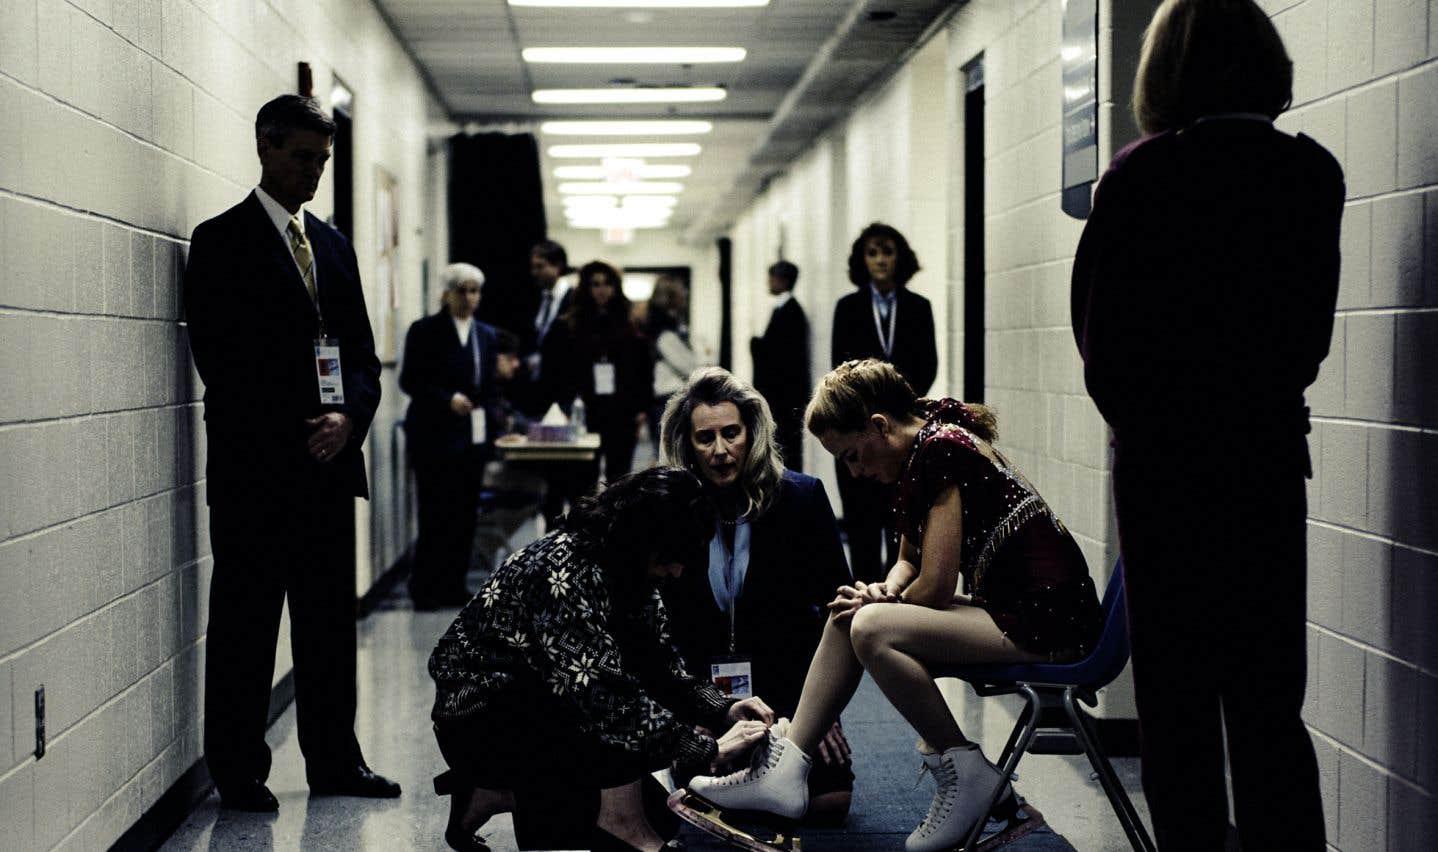 Dans sa structure, «Moi, Tonya» fonctionne comme «Prête à tout», de Gus Van Sant, qui, partant d'un fait divers, oscille également entre faux documentaire et parodie de docufiction.